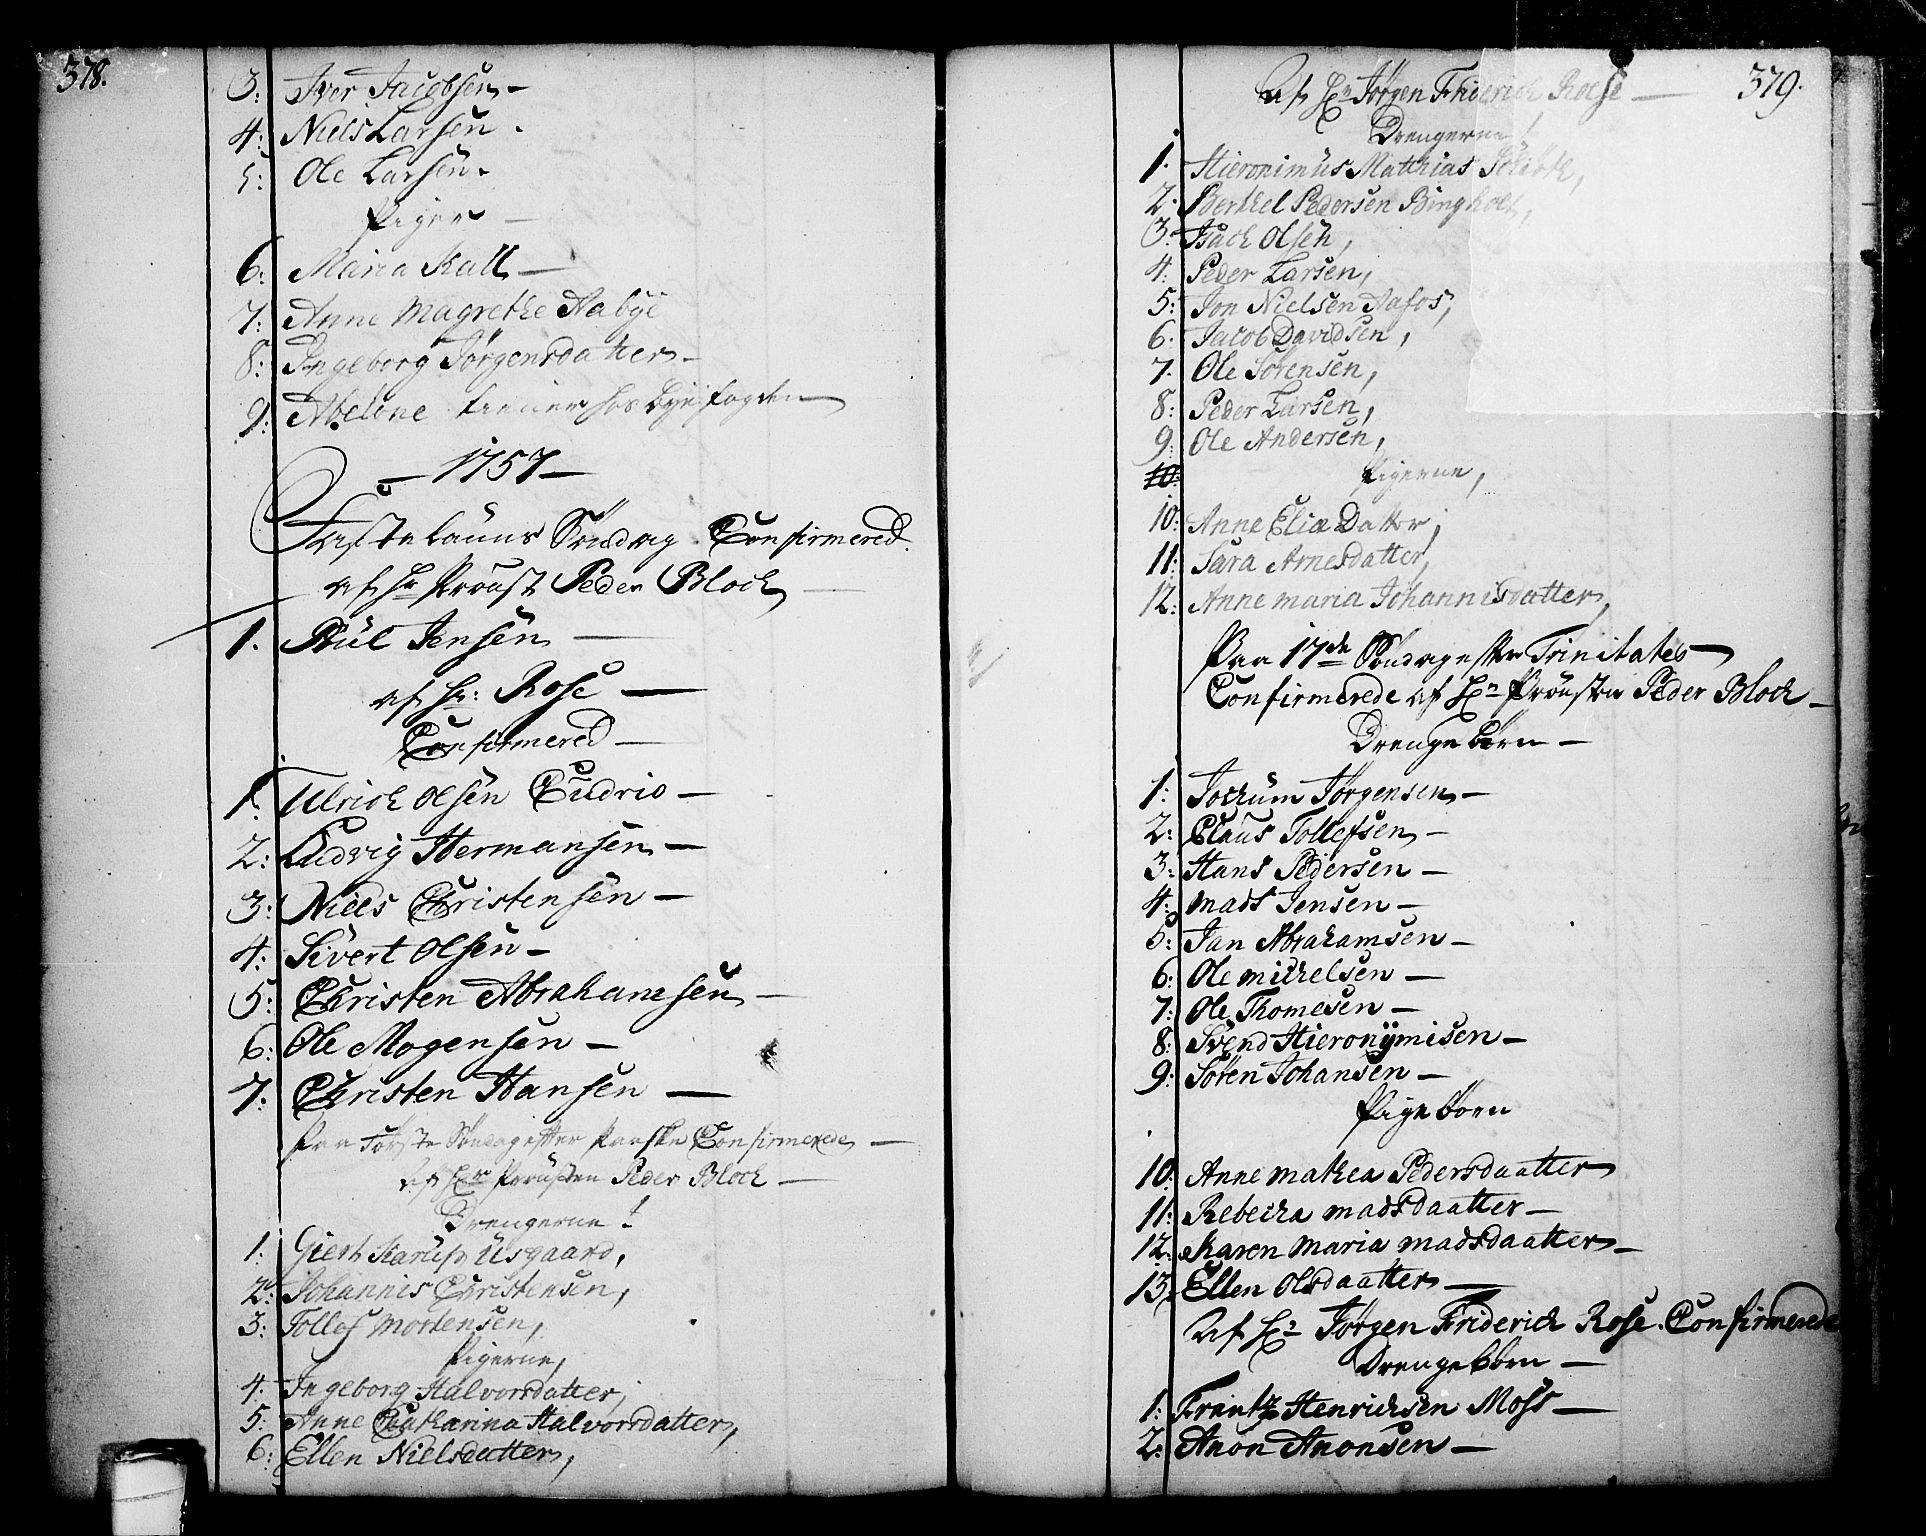 SAKO, Skien kirkebøker, F/Fa/L0003: Ministerialbok nr. 3, 1755-1791, s. 378-379